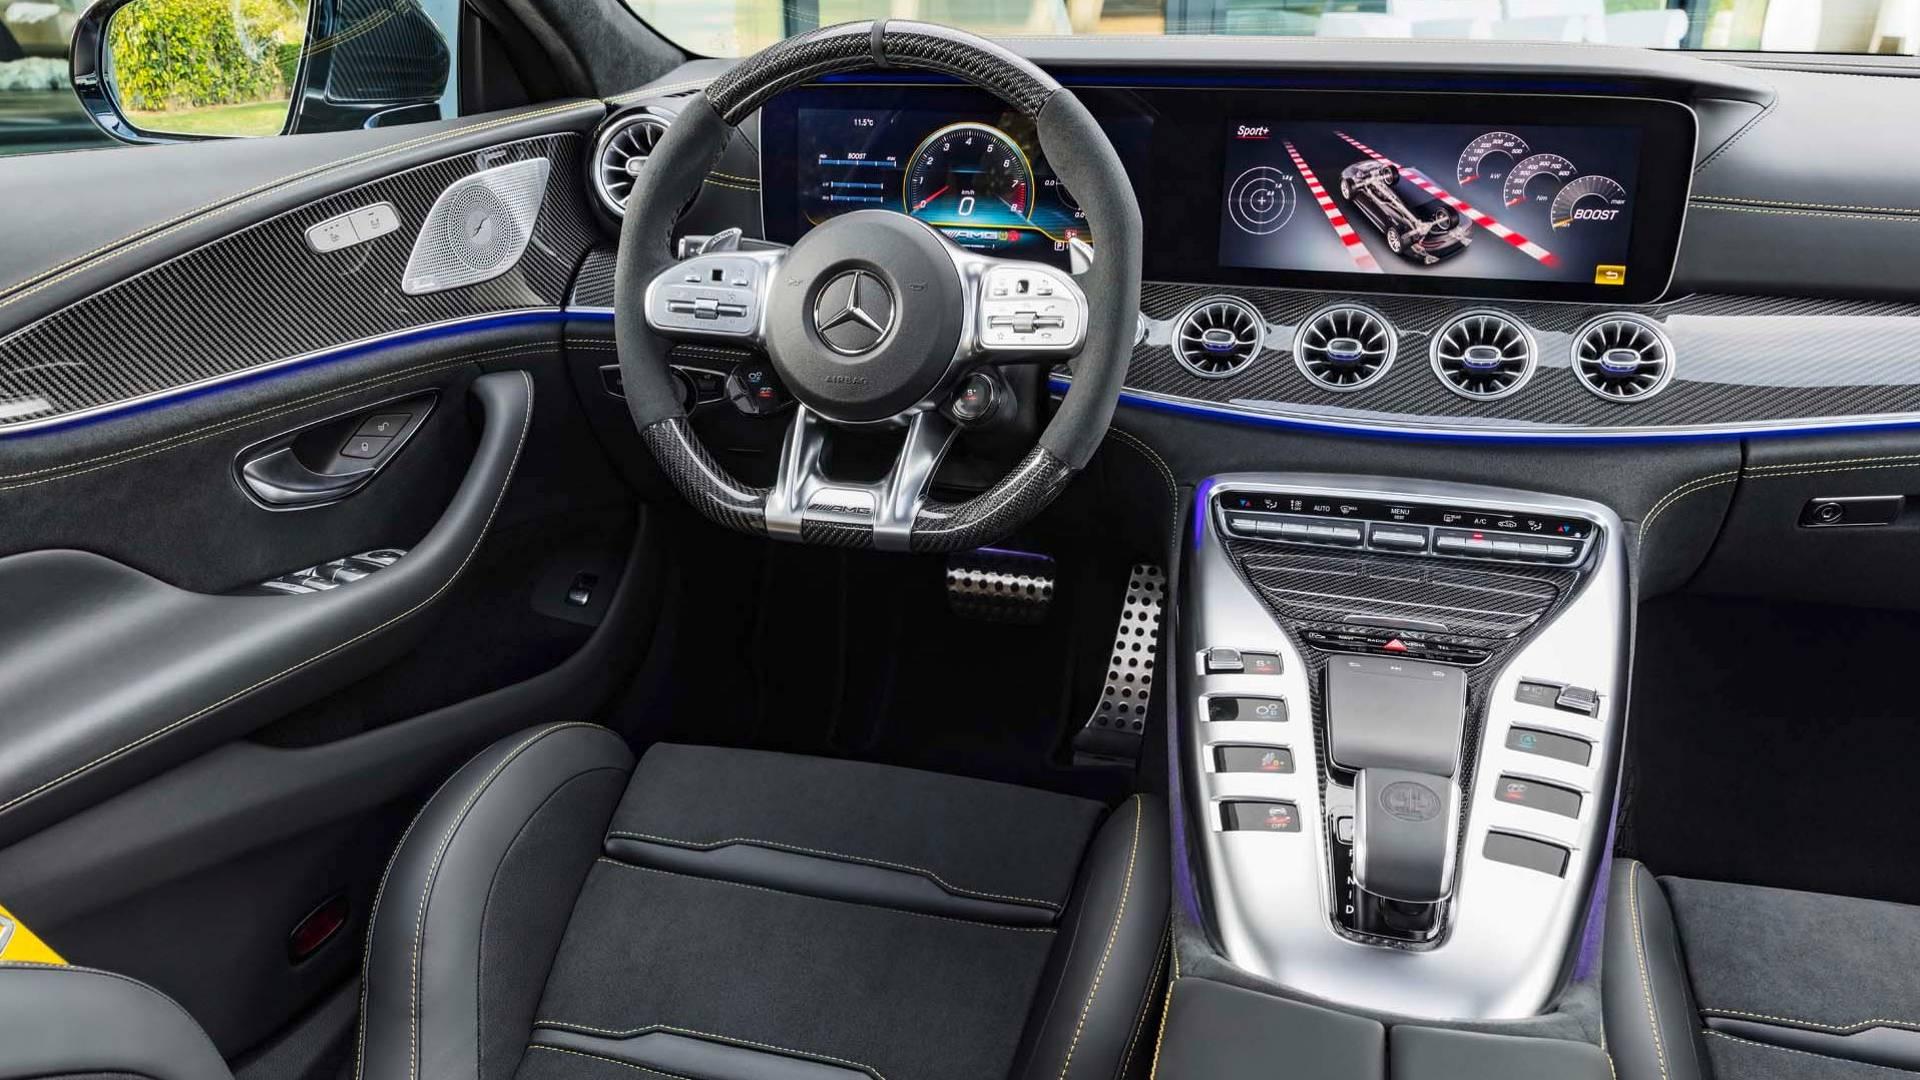 2019 mercedes amg gt 63 s coupe teknik zellikleri otomobilir. Black Bedroom Furniture Sets. Home Design Ideas